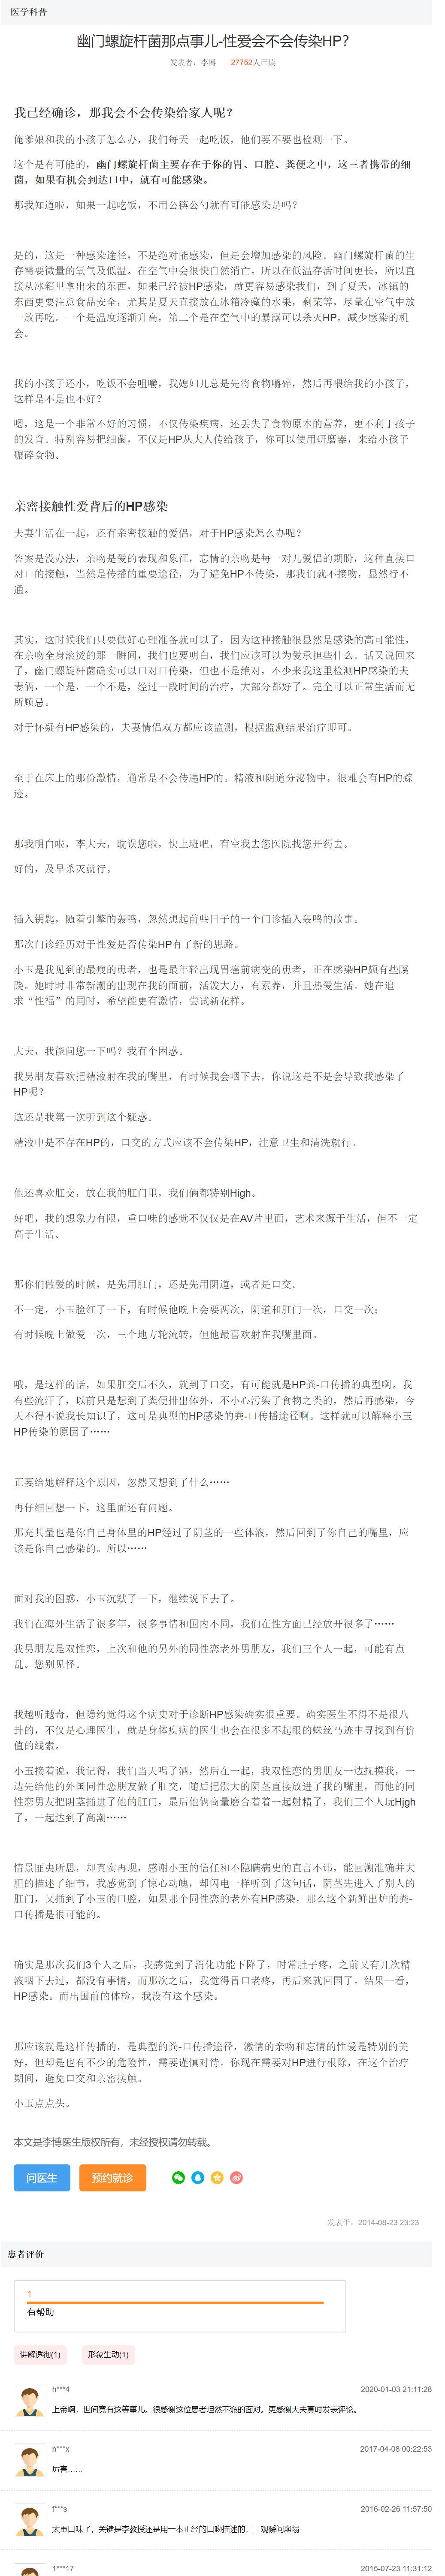 幽门螺杆菌除了接吻会被传染,X爱竟然也会传染HP? liuliushe.net六六社 第2张